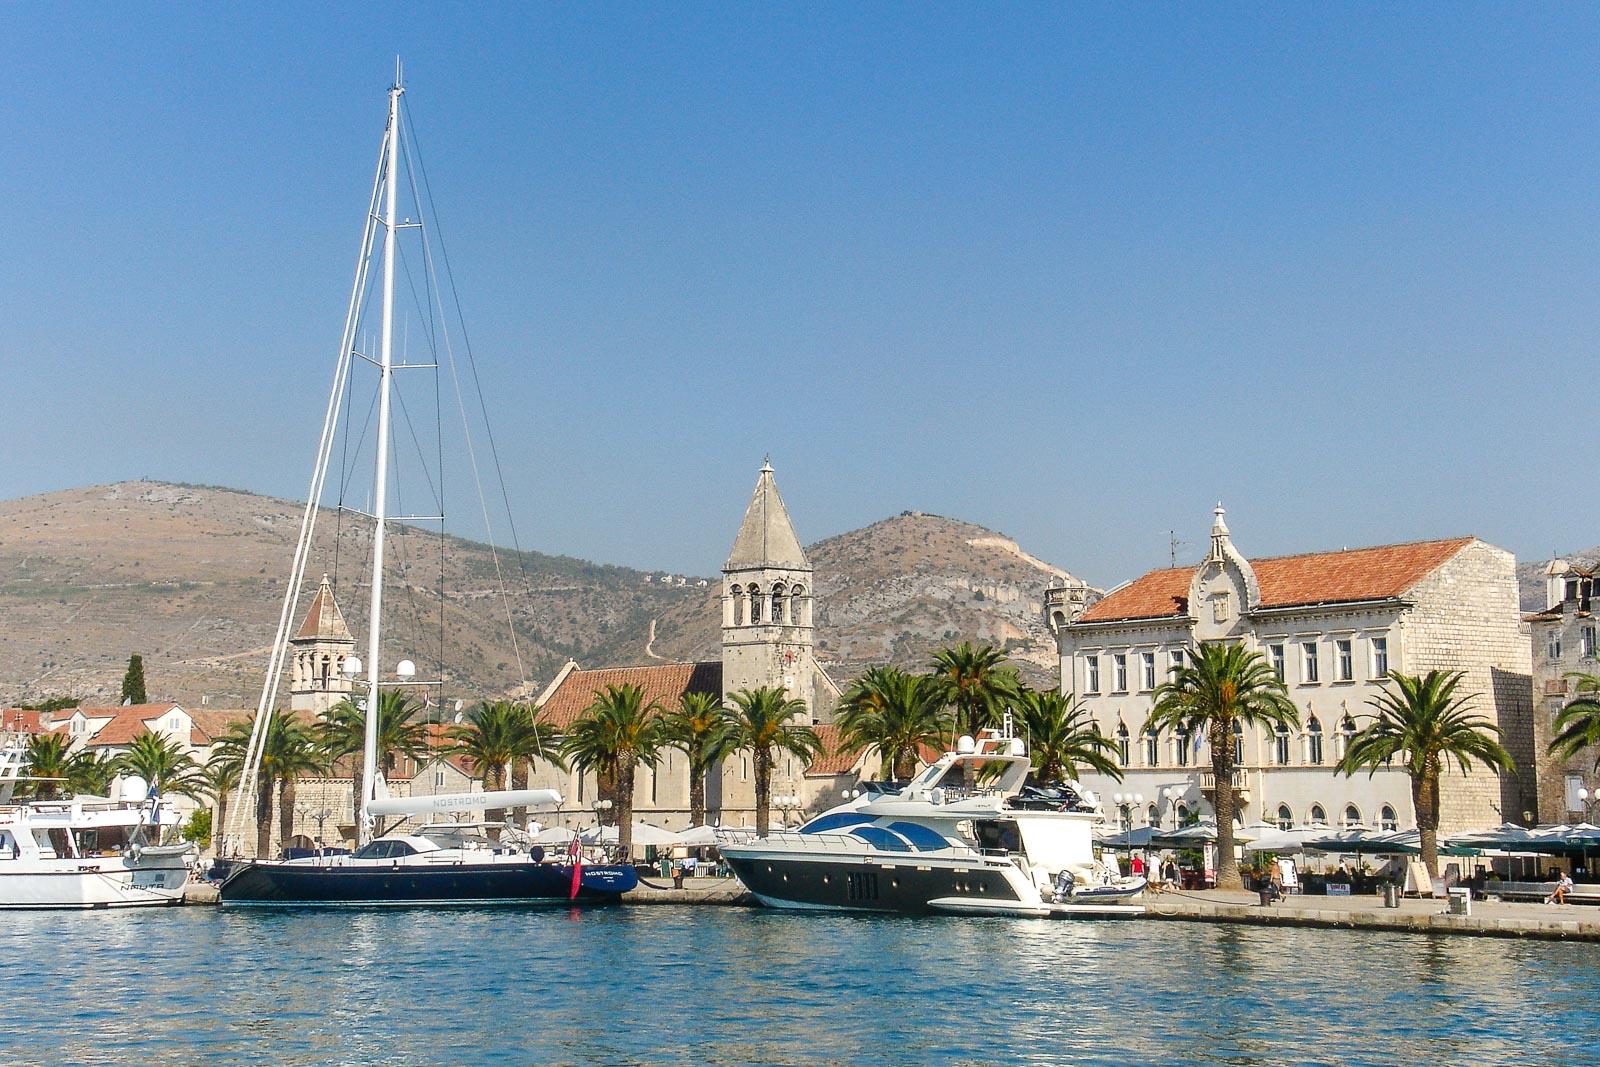 Trogir - Kroatien // Kroatien - die schönsten Reisziele und Urlaubsorte im Land der 1000 Inseln, Highlights & Tipps, Kroatien-Trip, Kroatien Blog, www.miss-classy.com #kroatien #reise #reiseblog #trogir